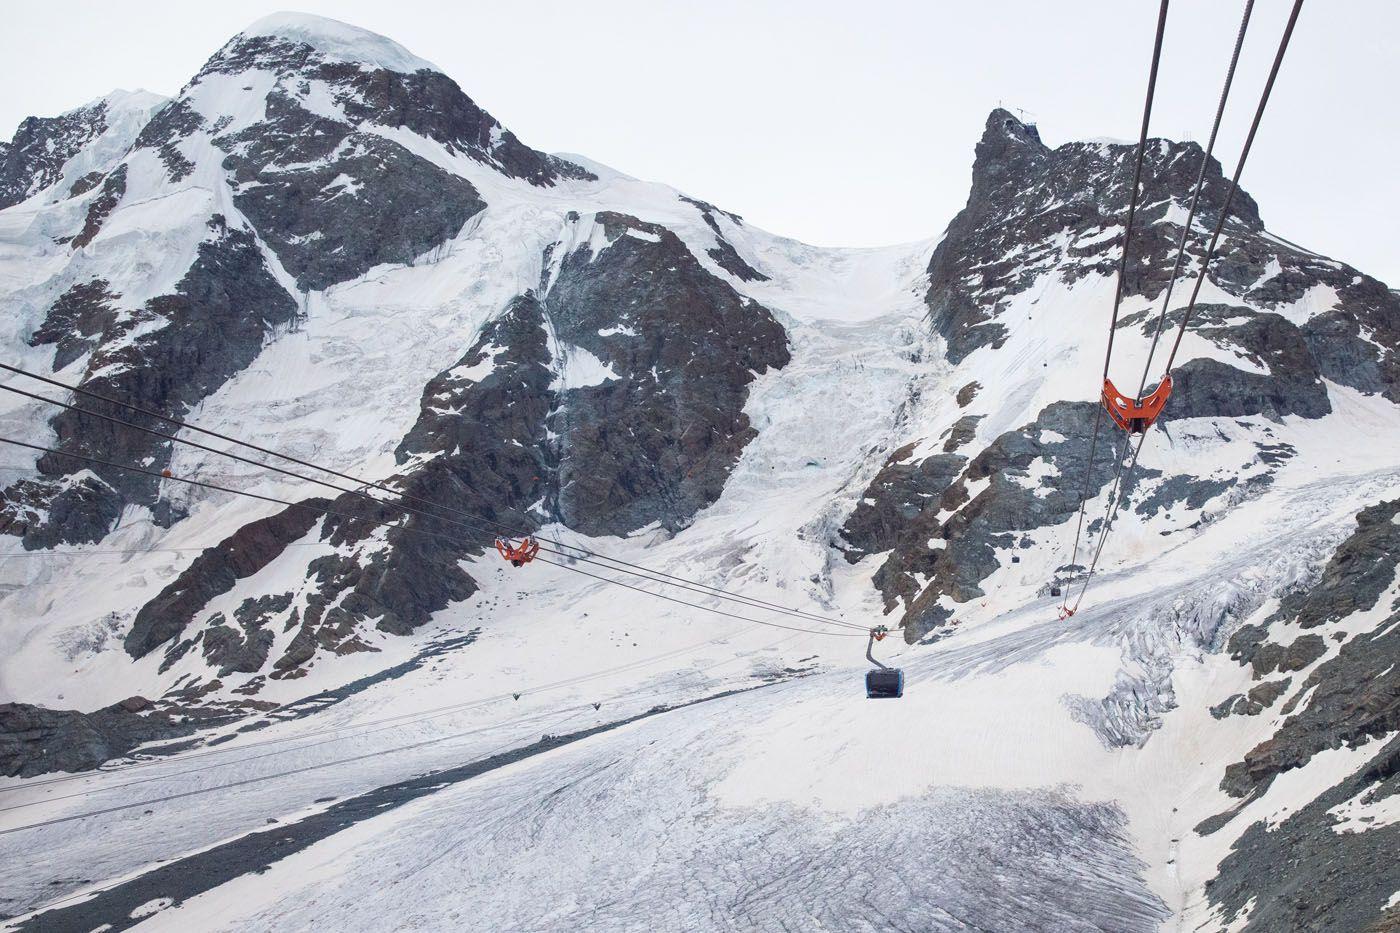 Klein Matterhorn Cable Car